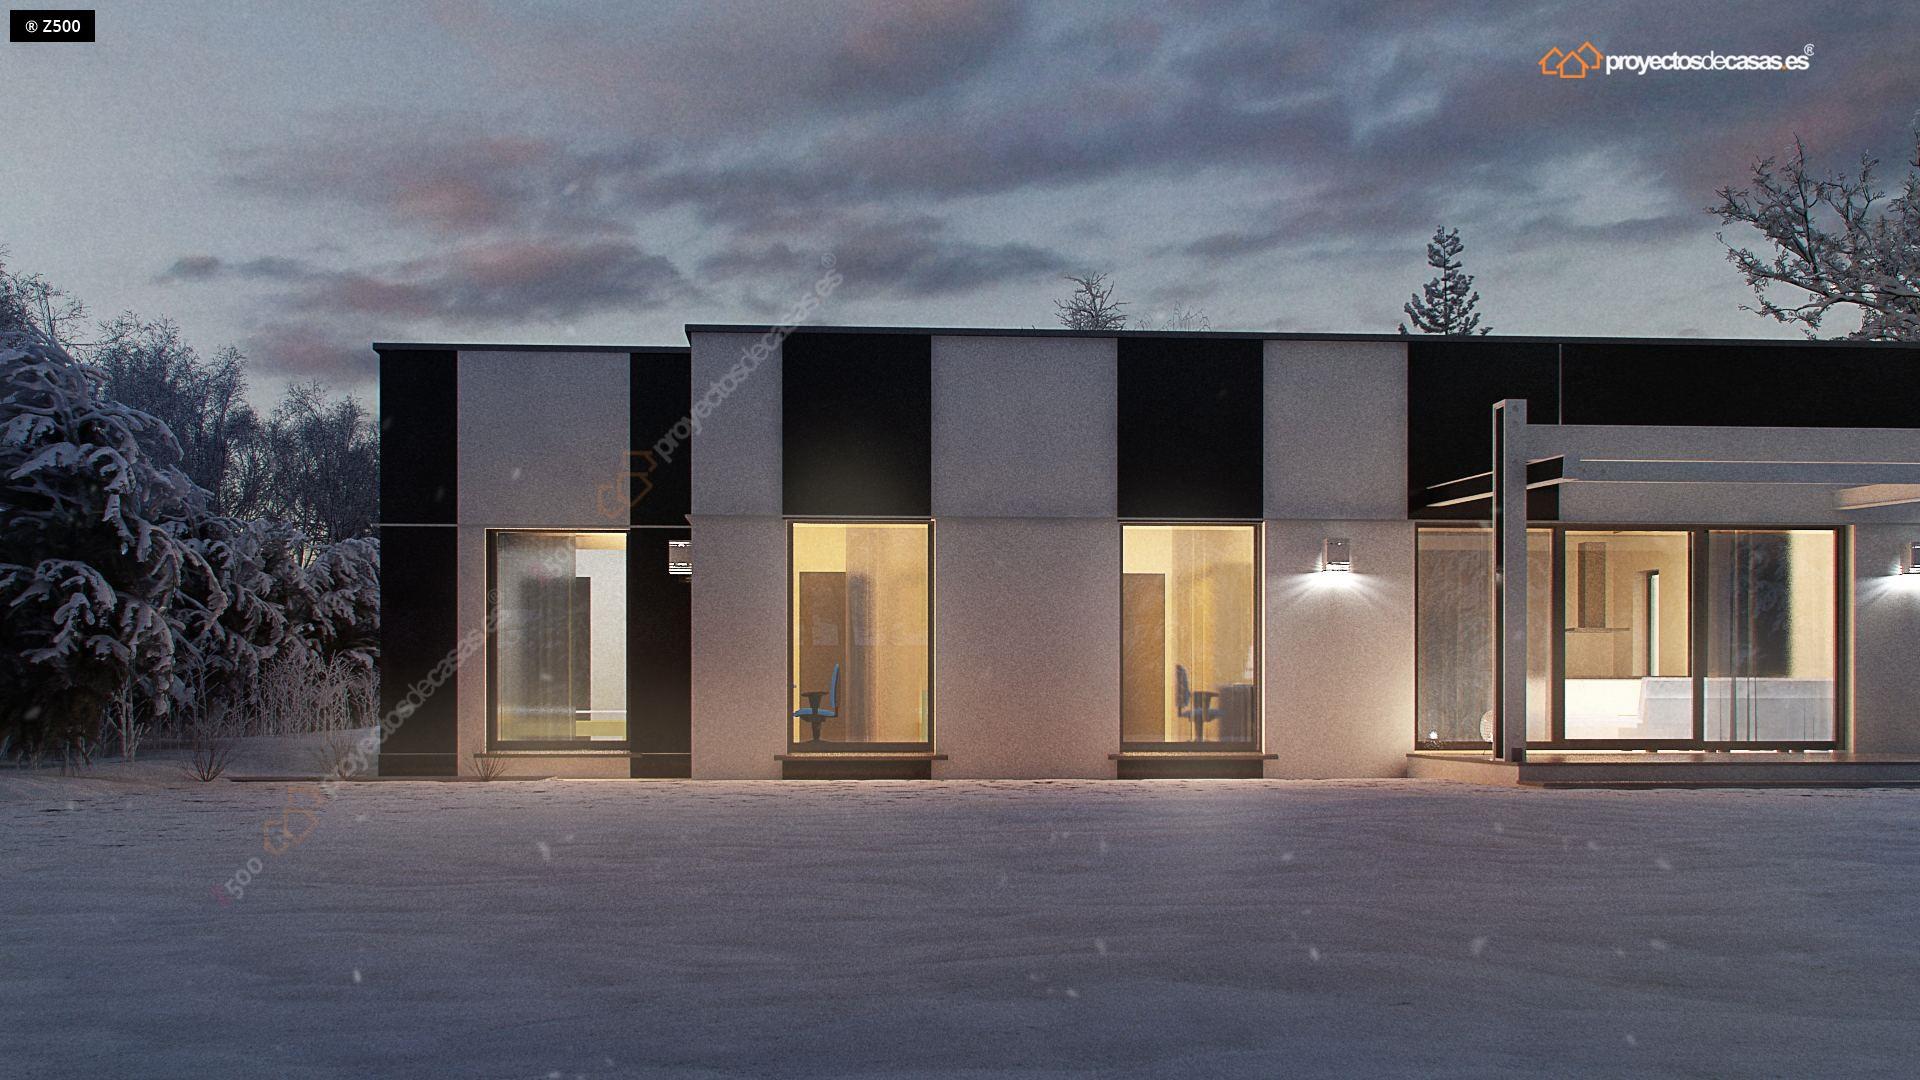 Proyectos de casas modernas trendy proyecto anterior - Proyectos de casas rusticas ...